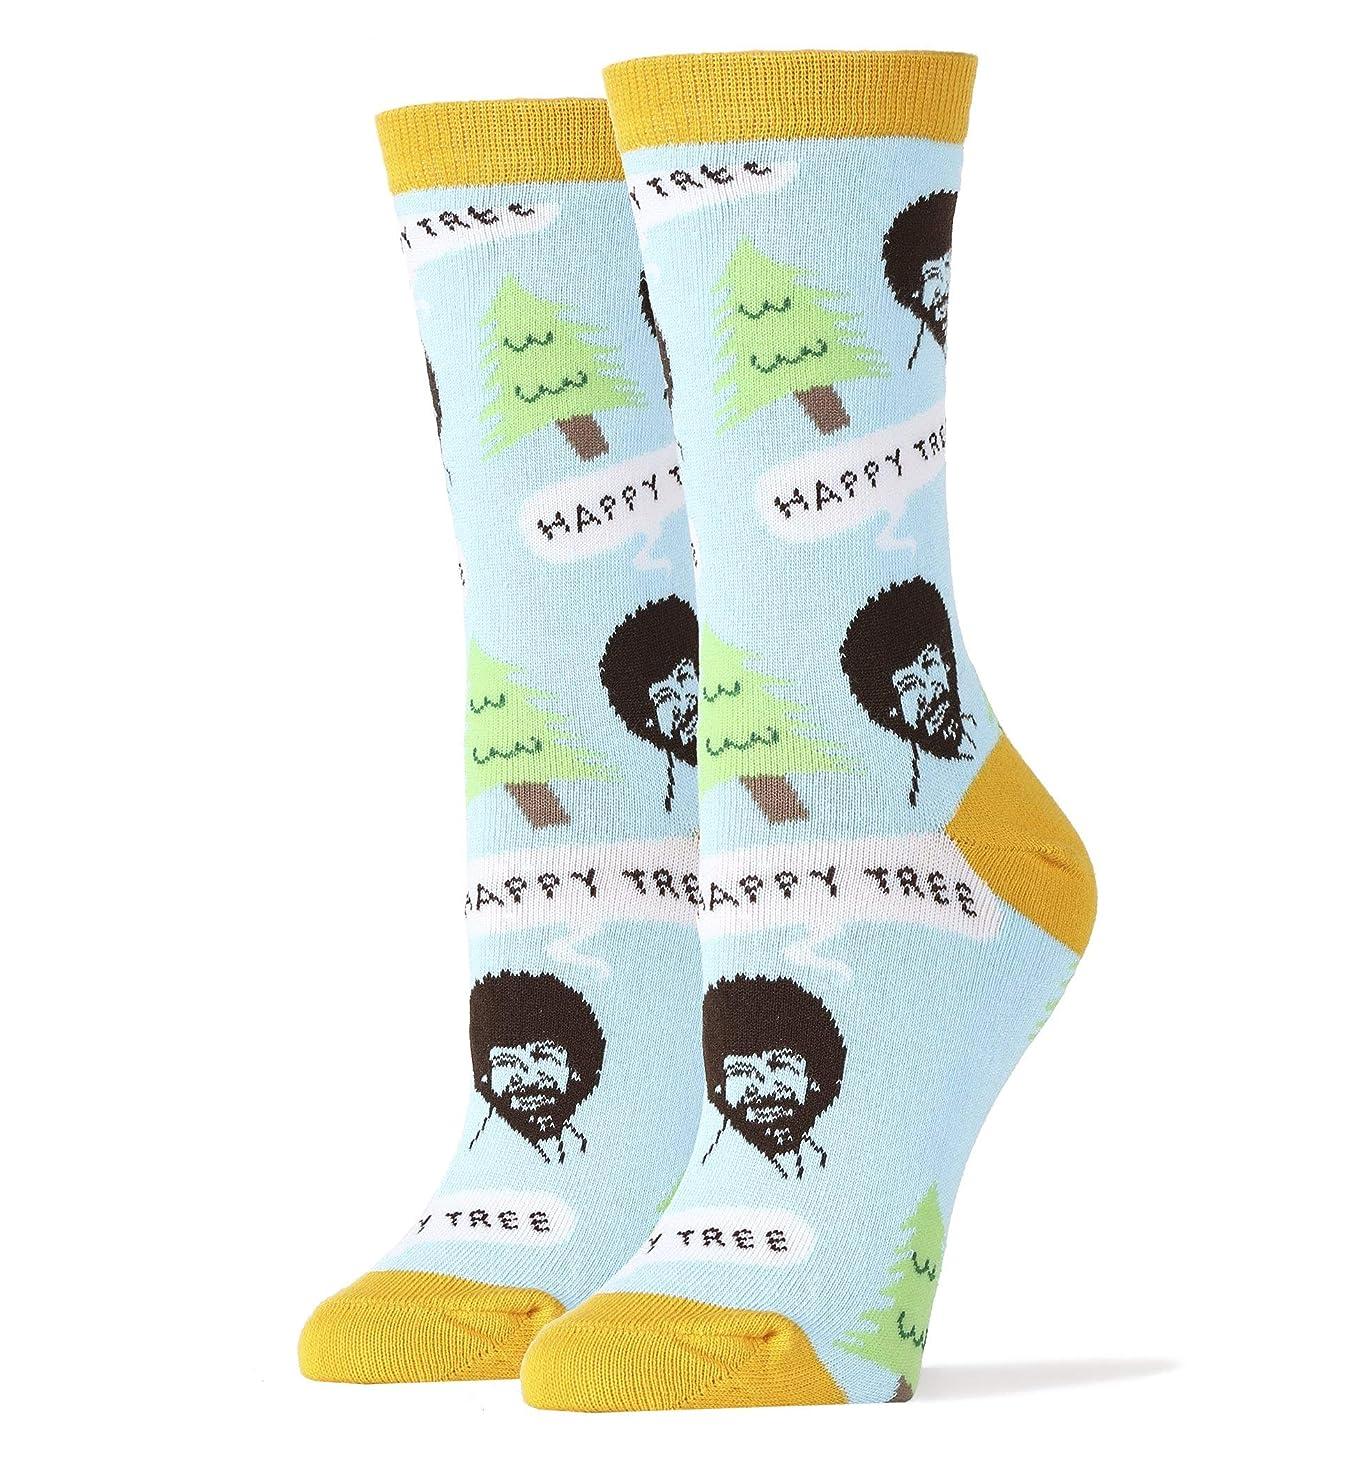 Oooh Yeah Socks Women's Funny Novelty Pack Socks Bob Ross